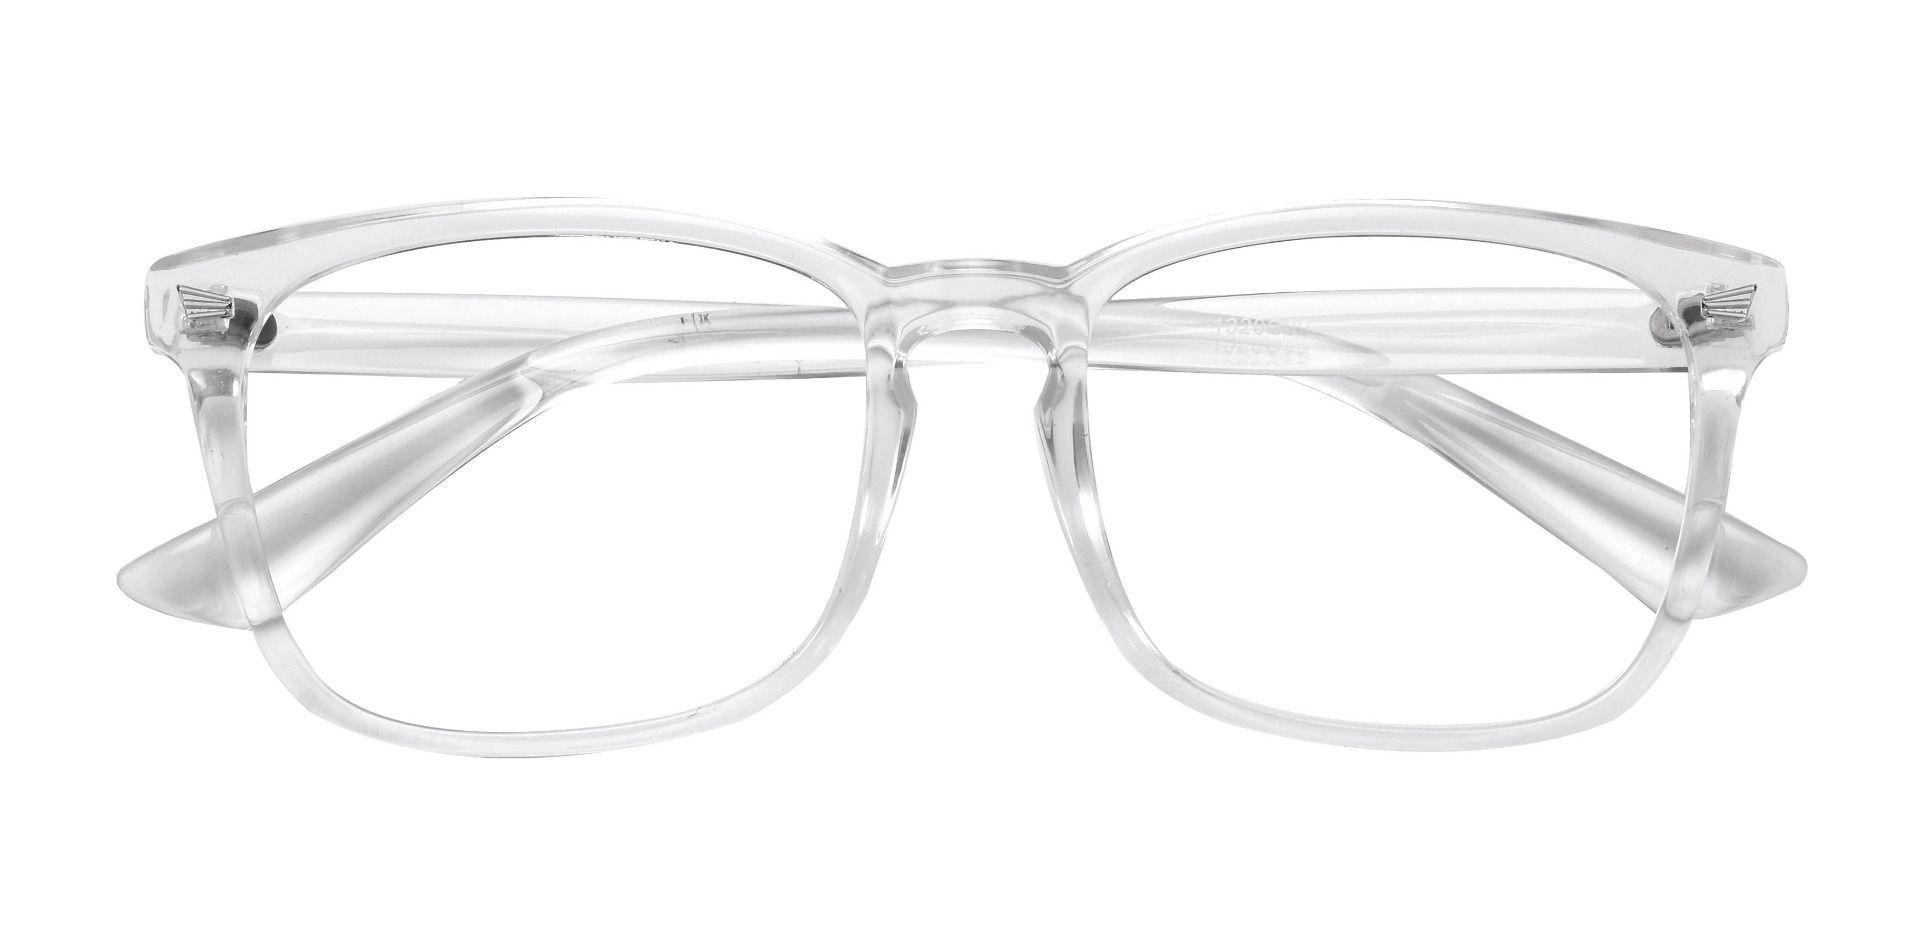 Zen Square Prescription Glasses - Clear